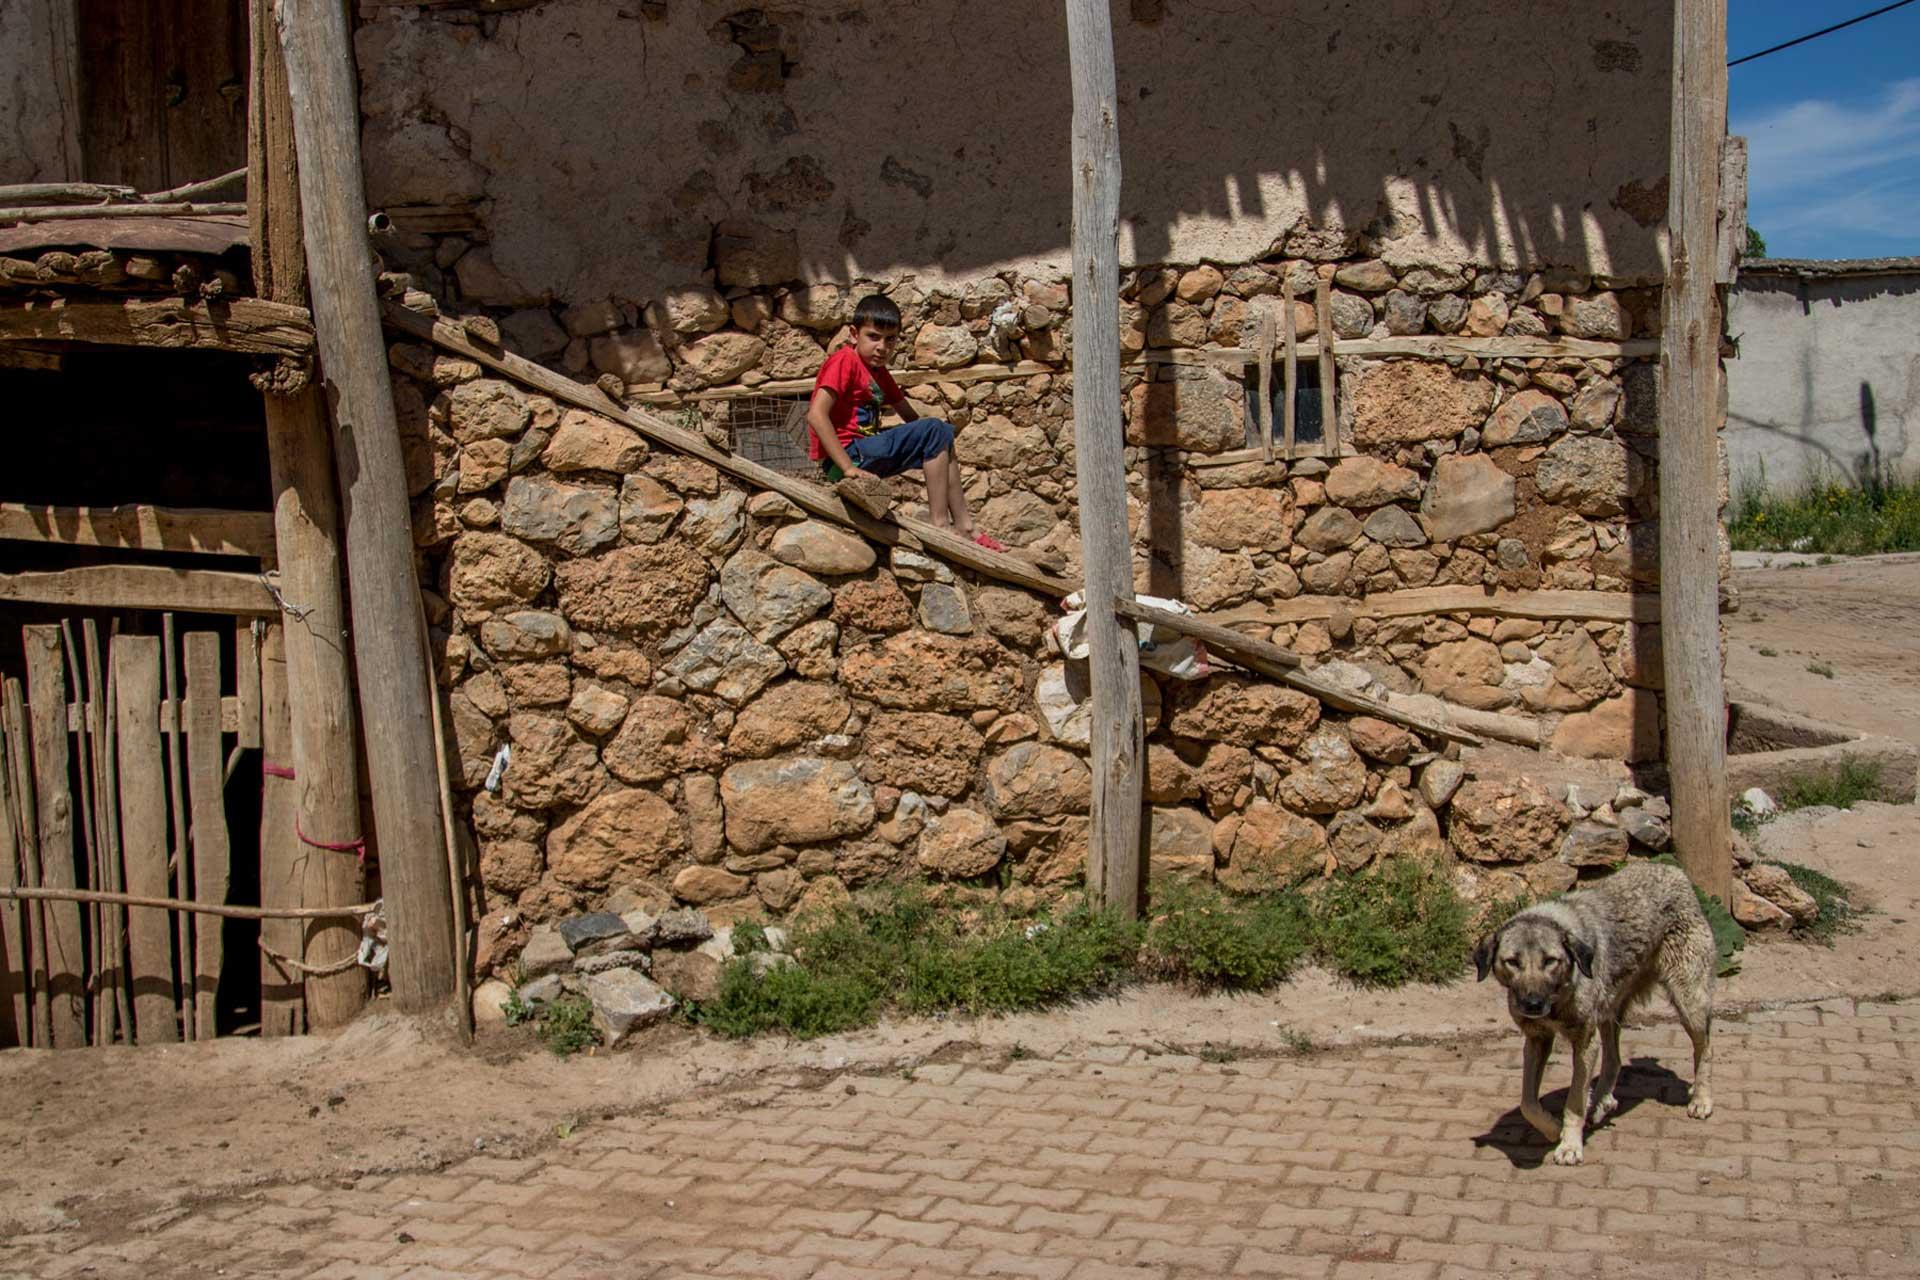 Çekergezer Hakan Aydın Tunceli Fotoğrafları Tunceli Resimleri Tunceli Gezi Rehberi Tunceli Gezilecek Yerler www.cekergezer.com